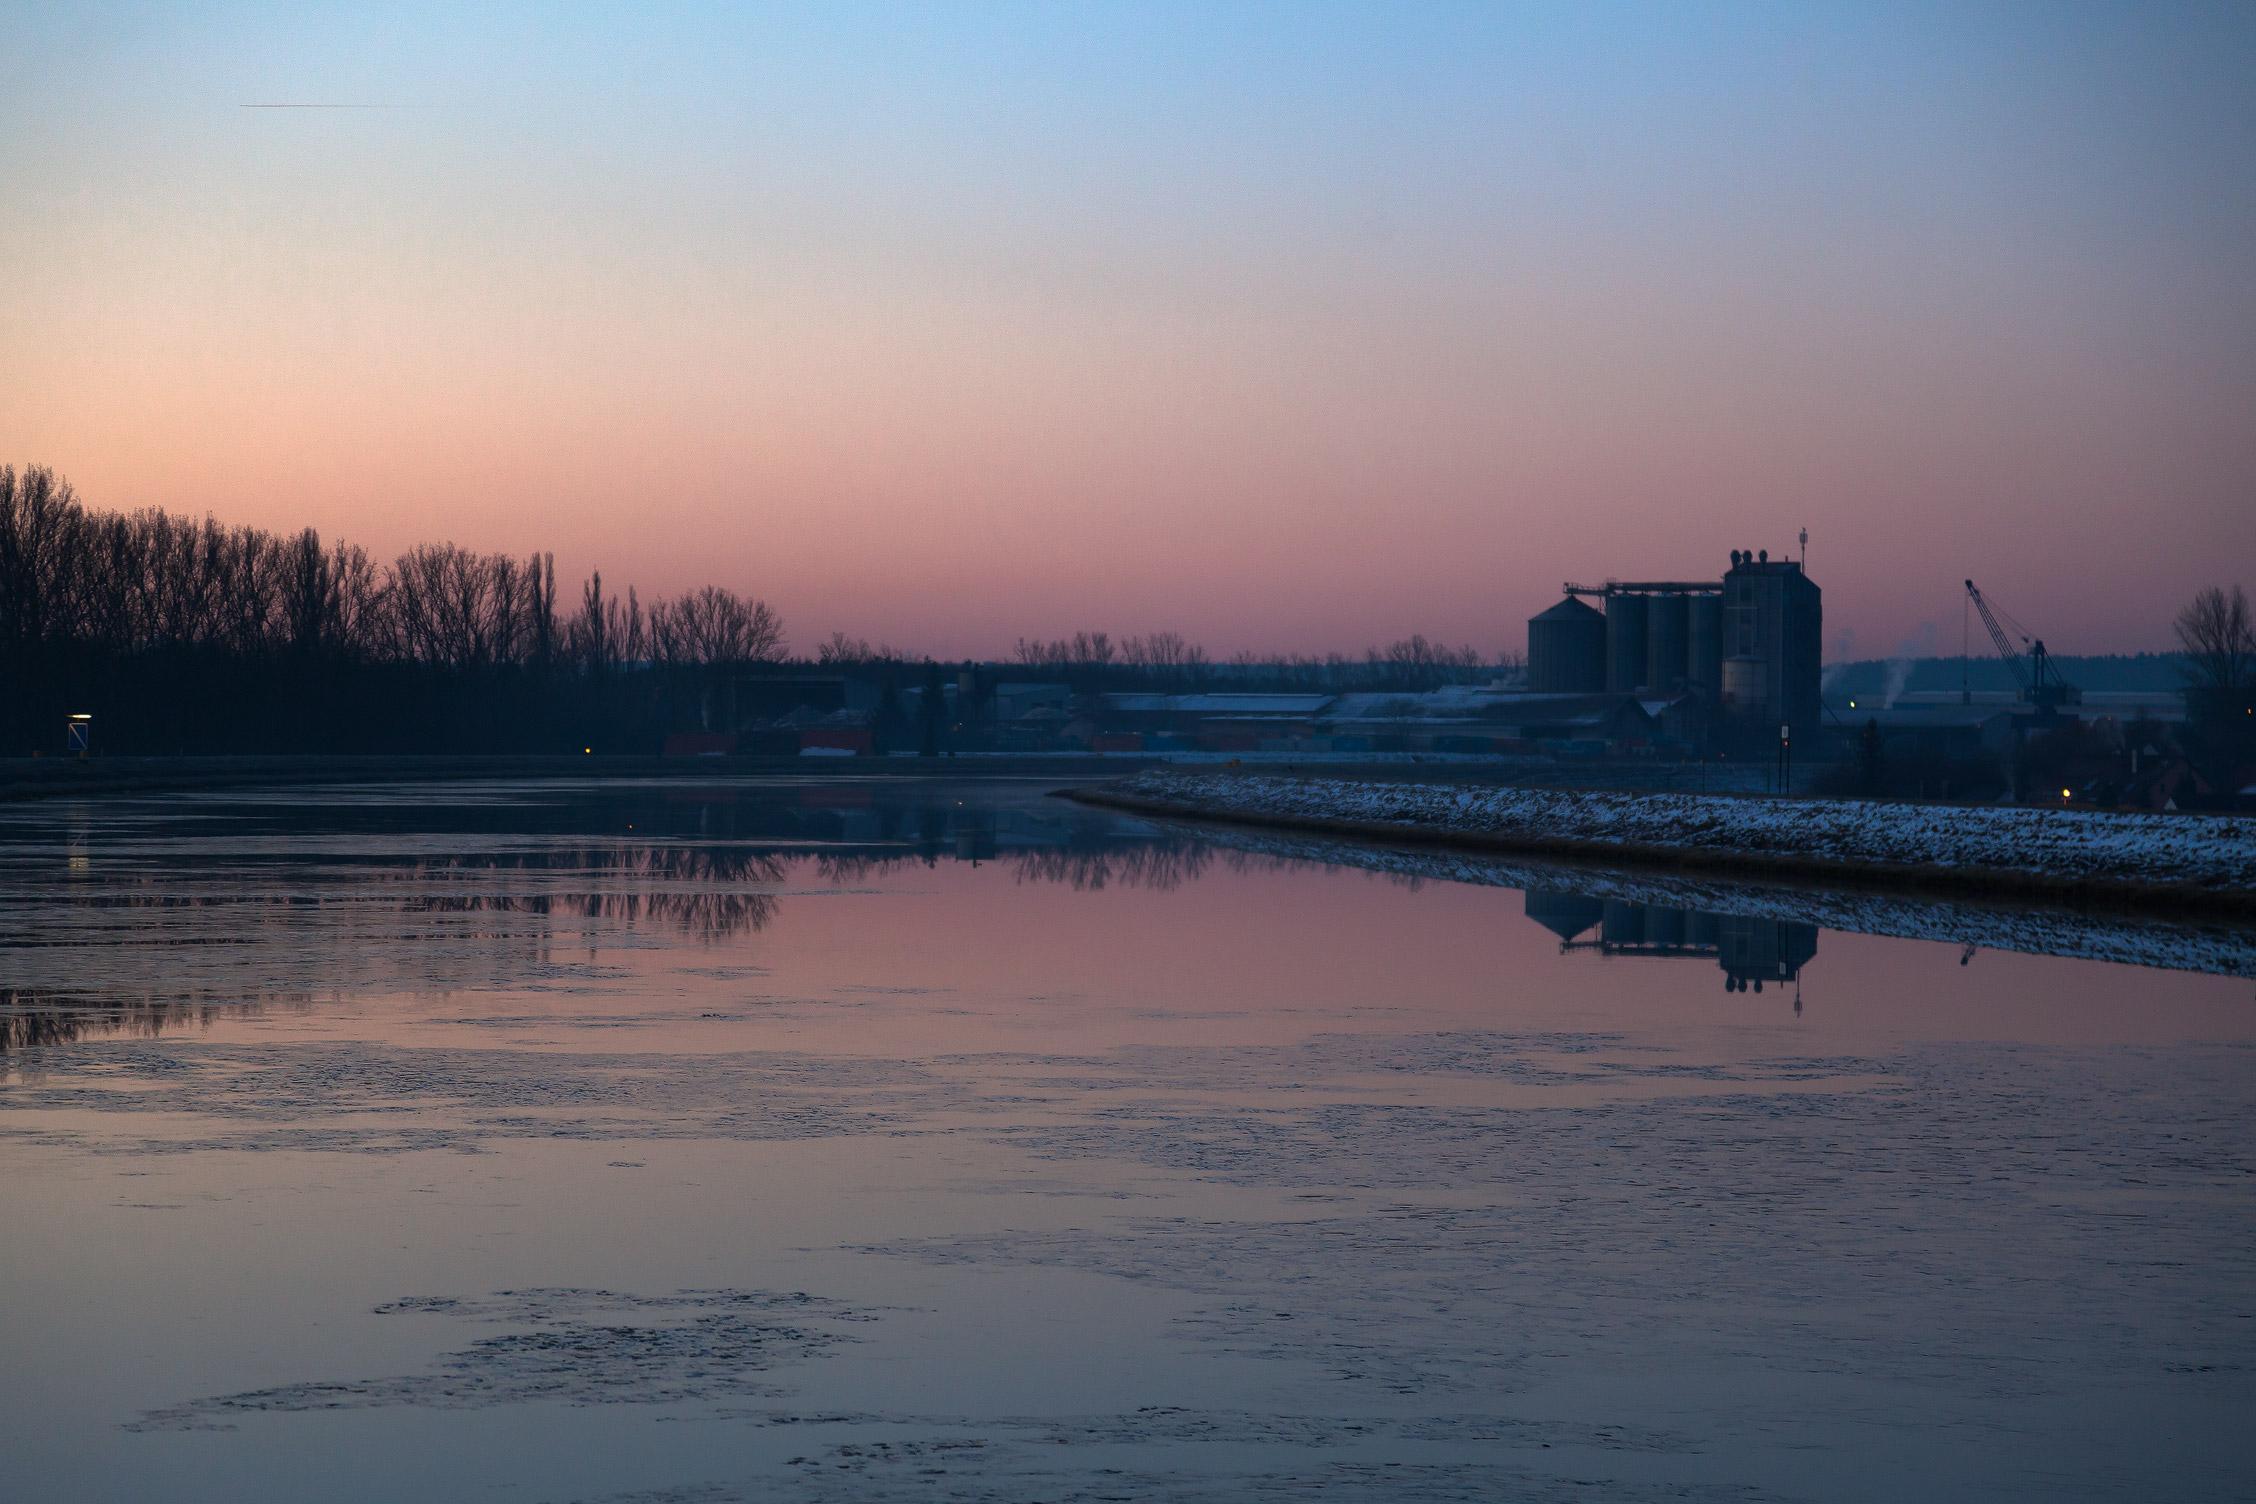 Dämmerung über dem Main-Donau-Kanal am Fürther Hafen